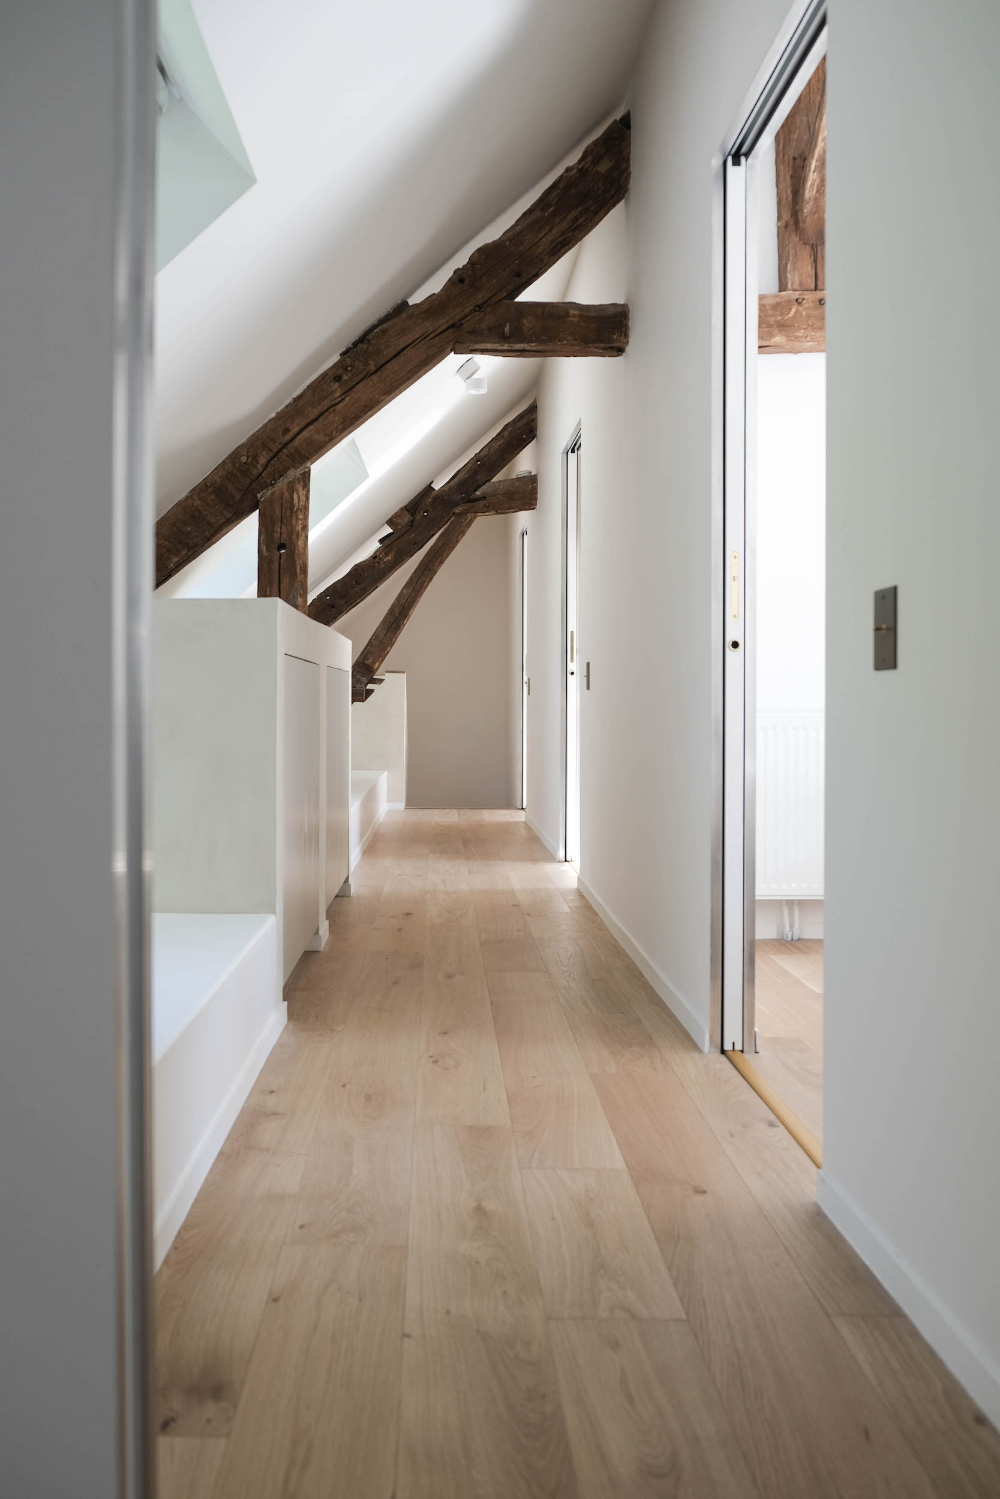 Legno Laminato Per Mobili maison vgl : le parquet nel 2020 | pavimenti in legno